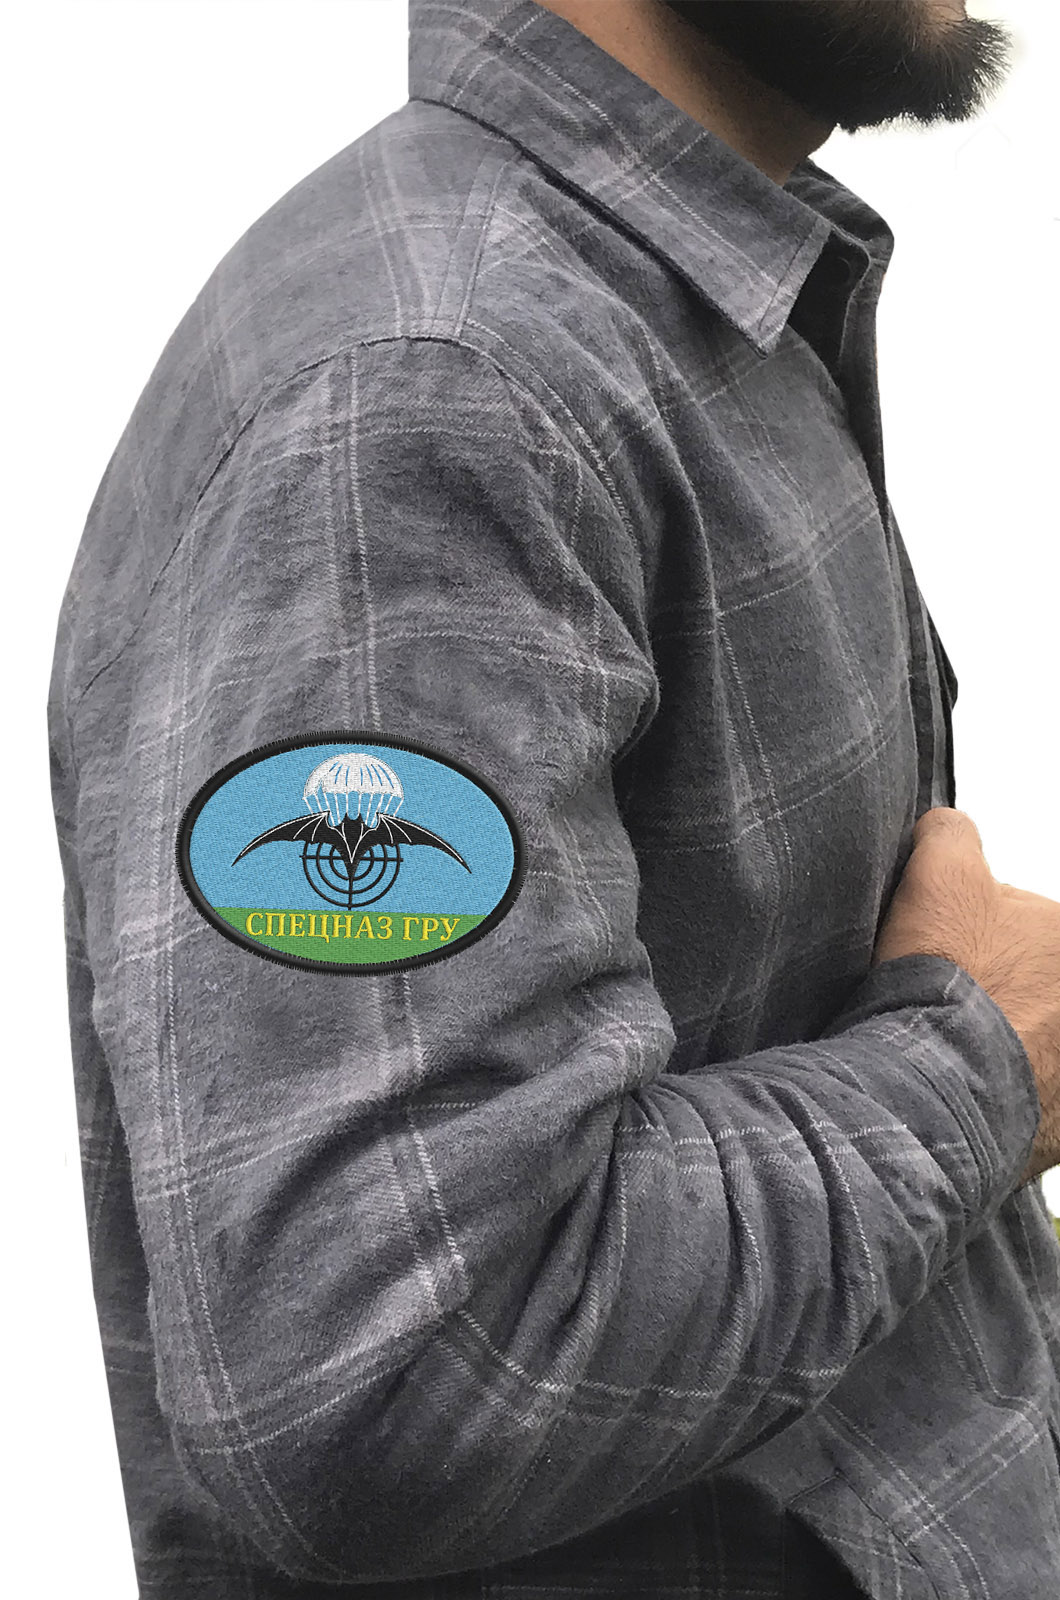 Рубашка мужская с нашивкой Спецназ ГРУ купить с доставкой